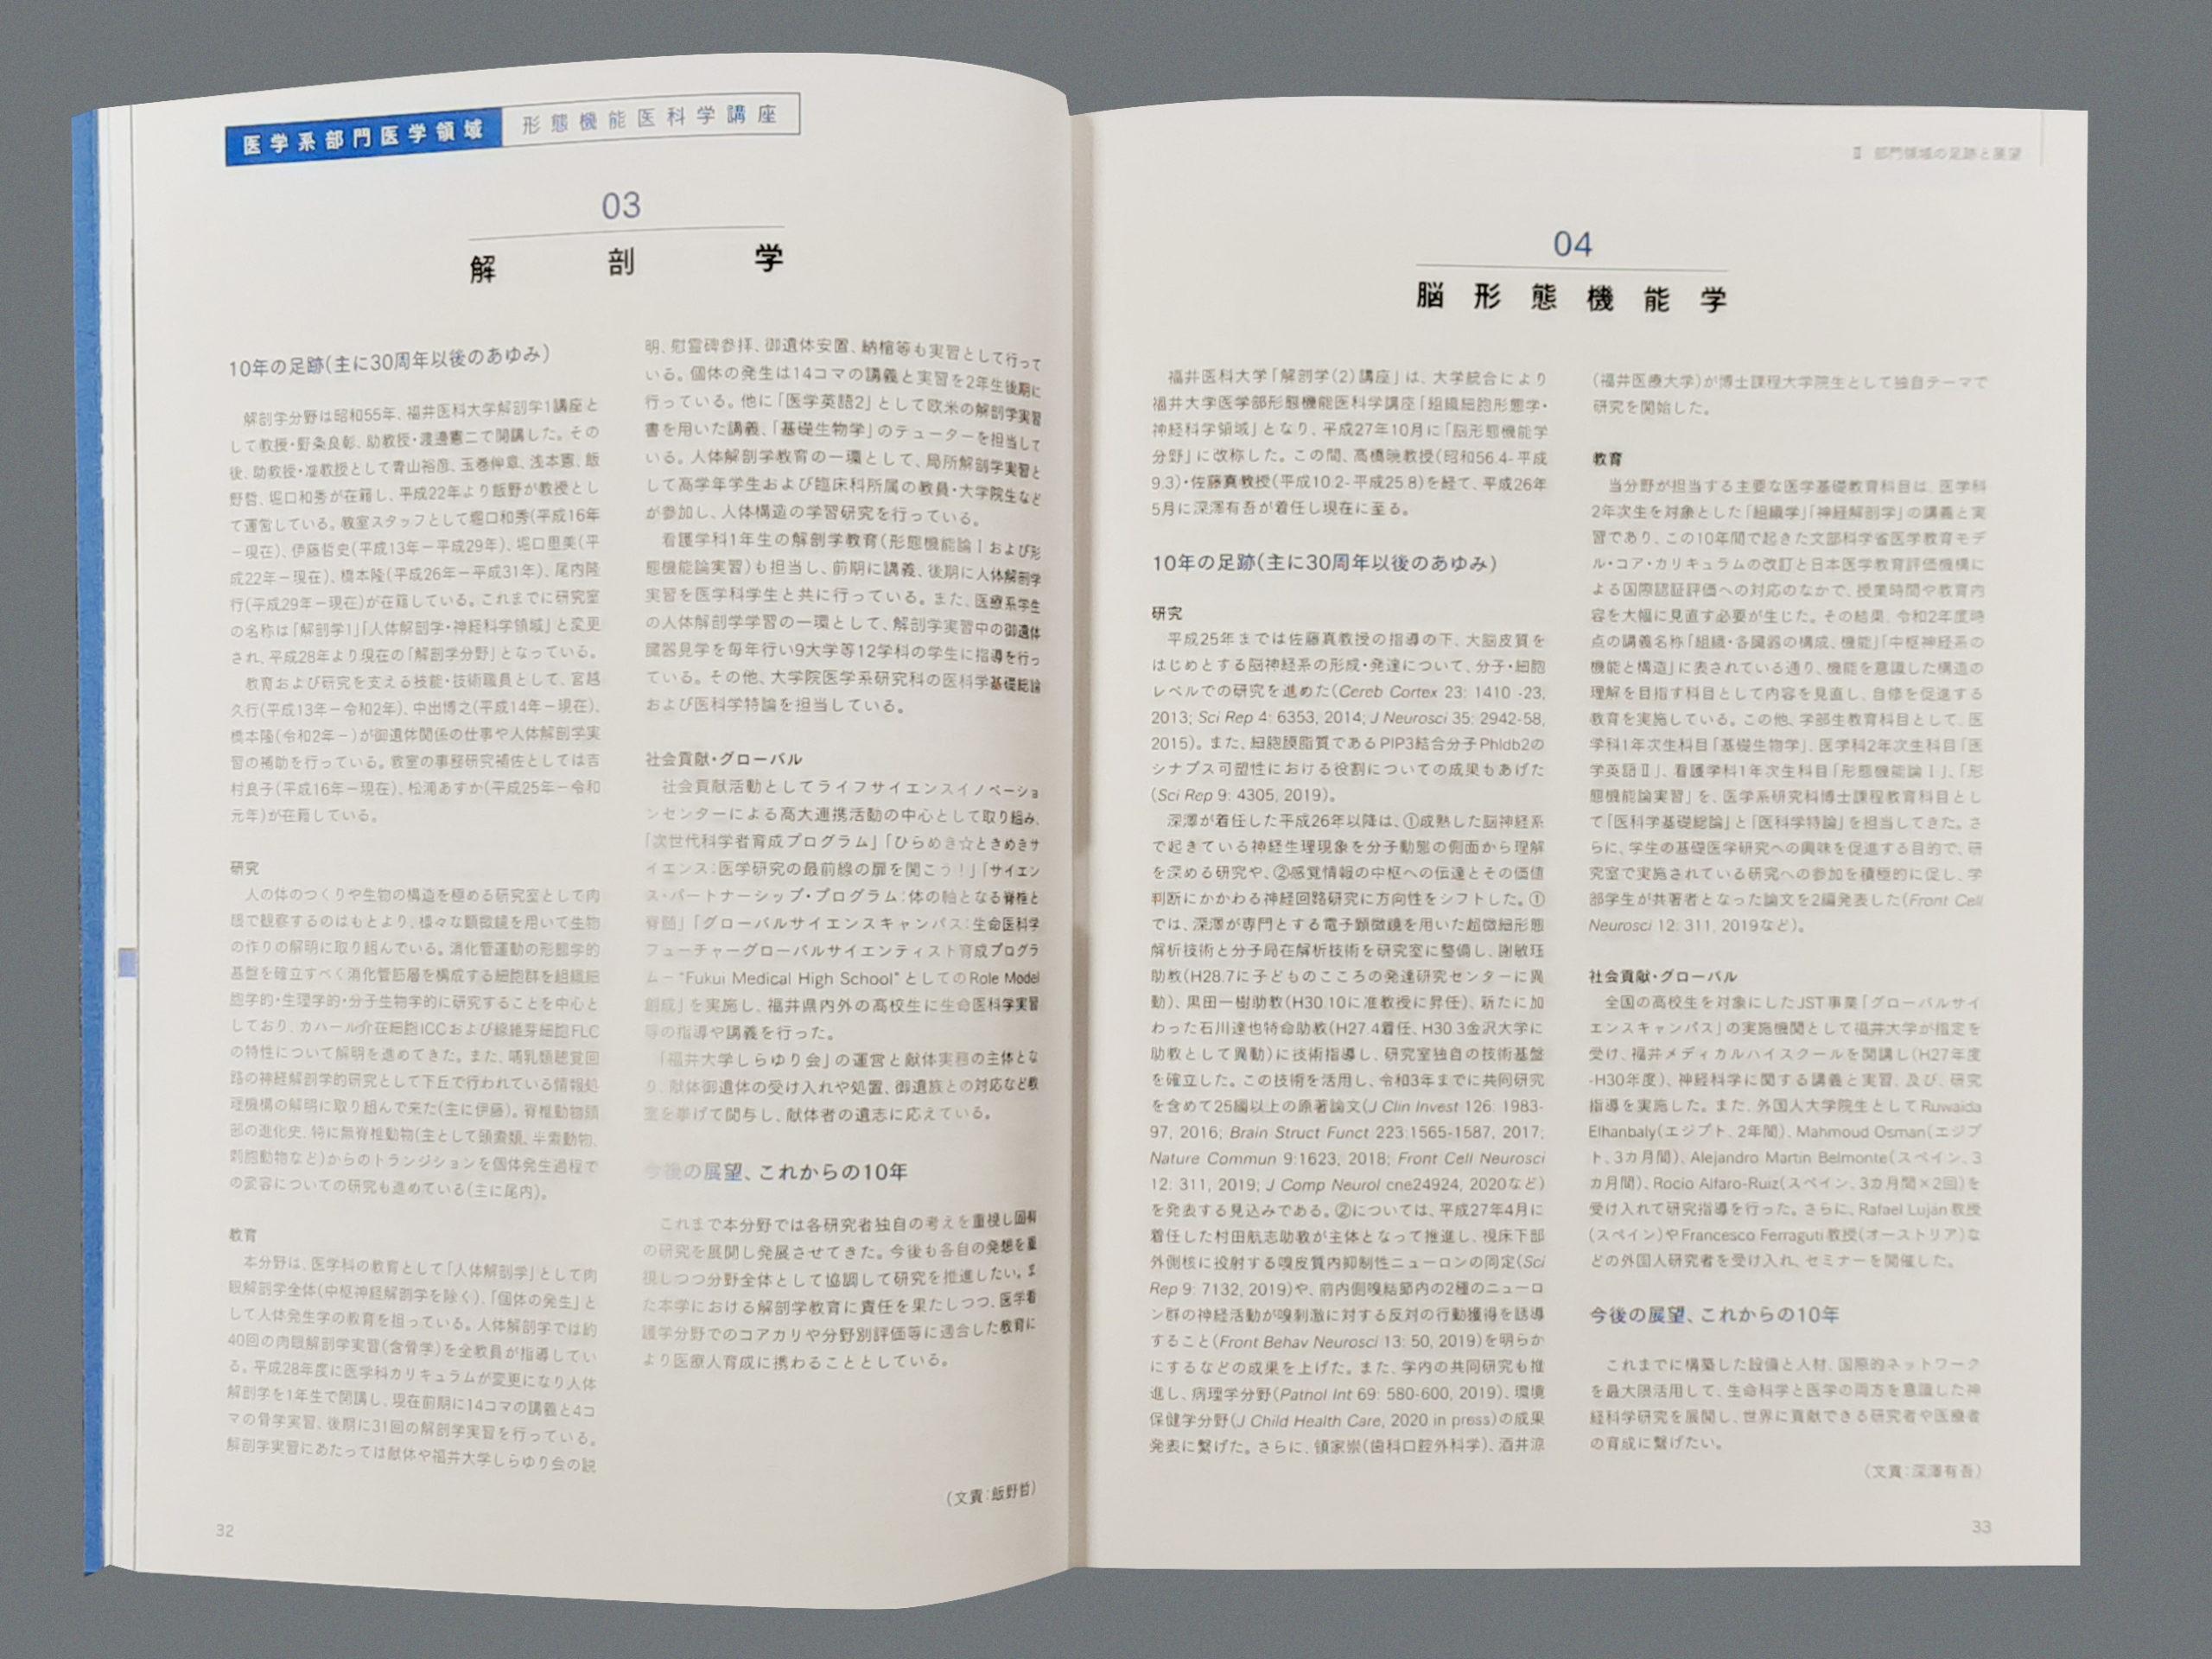 福井大学医学部創立40周年記念誌03